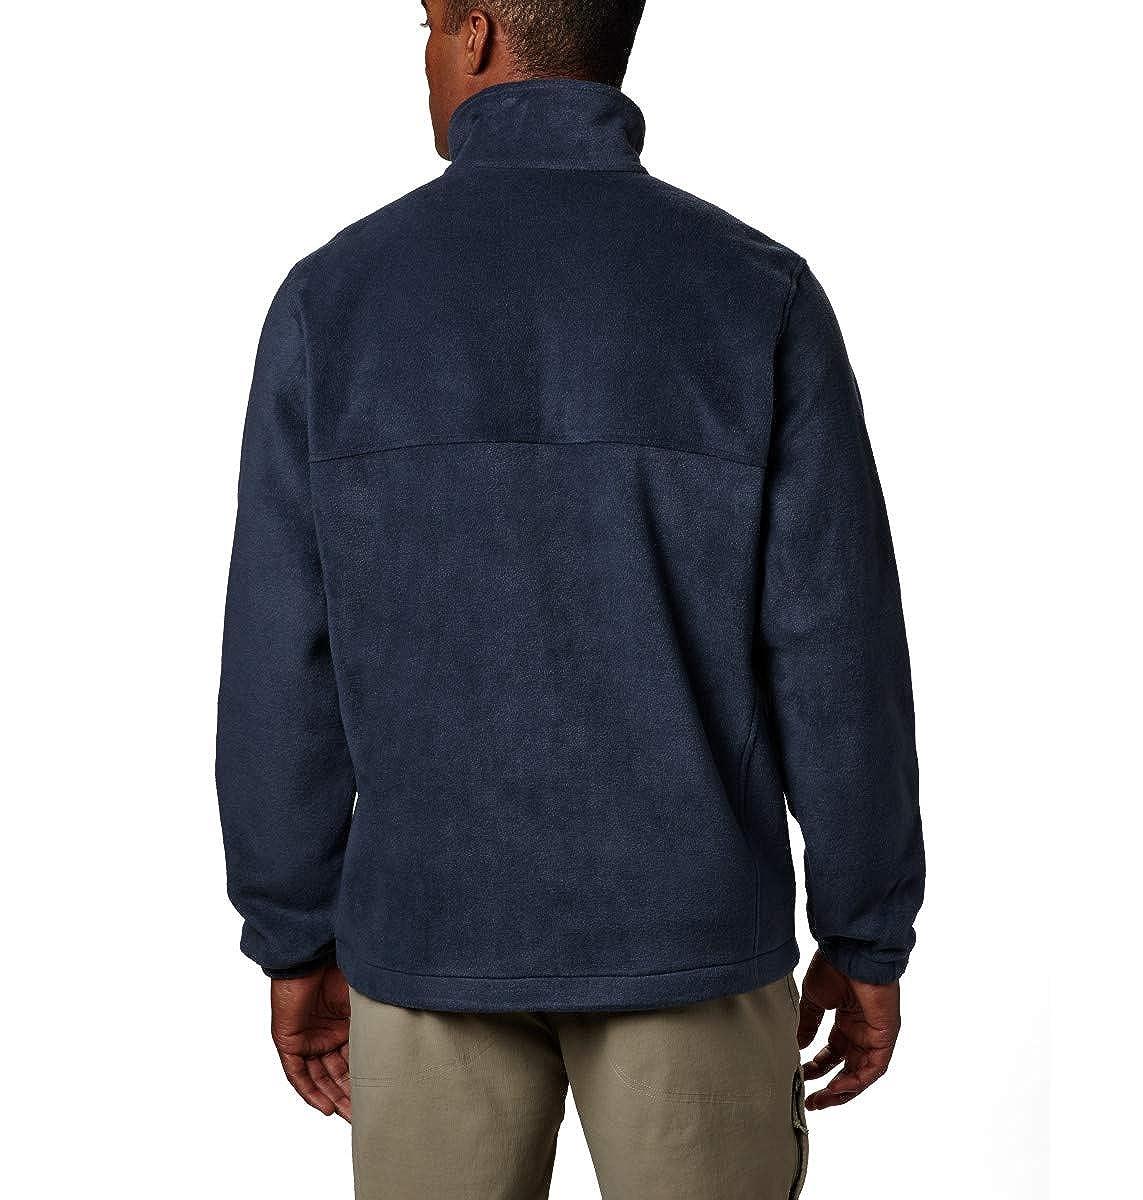 Columbia Mens Steens Mountain Full Zip 2.0 Soft Fleece Jacket